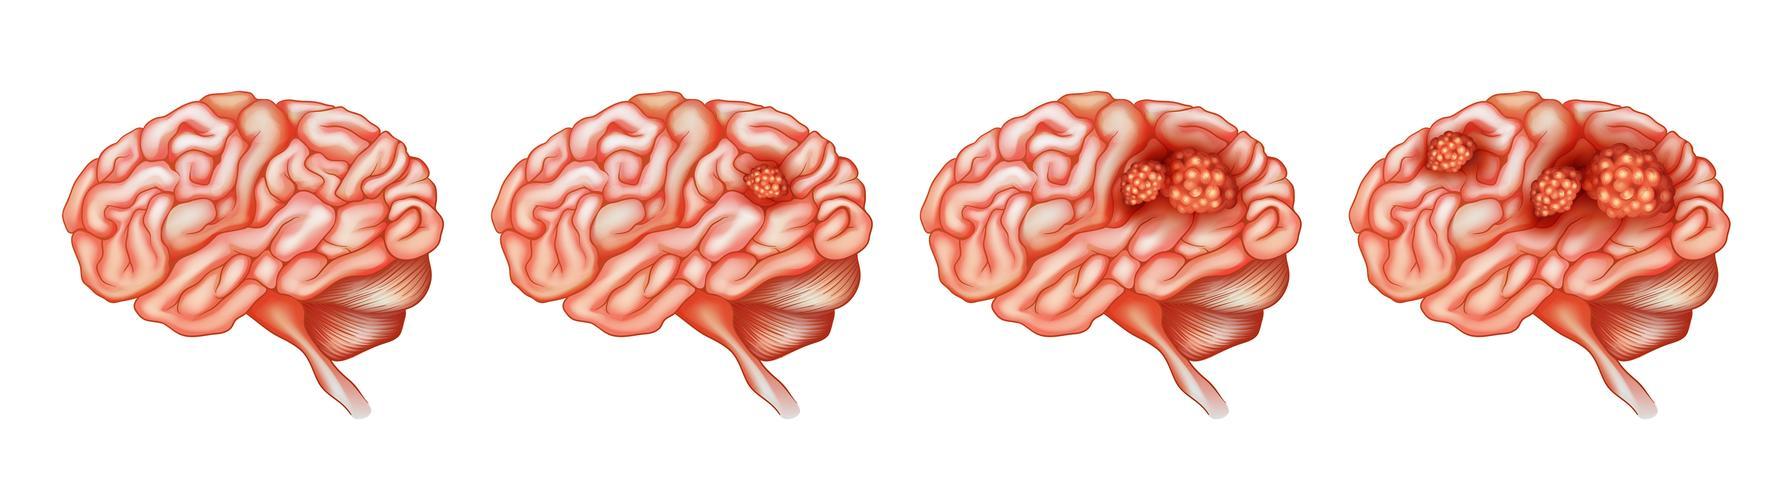 Стадии рака мозга в картинках